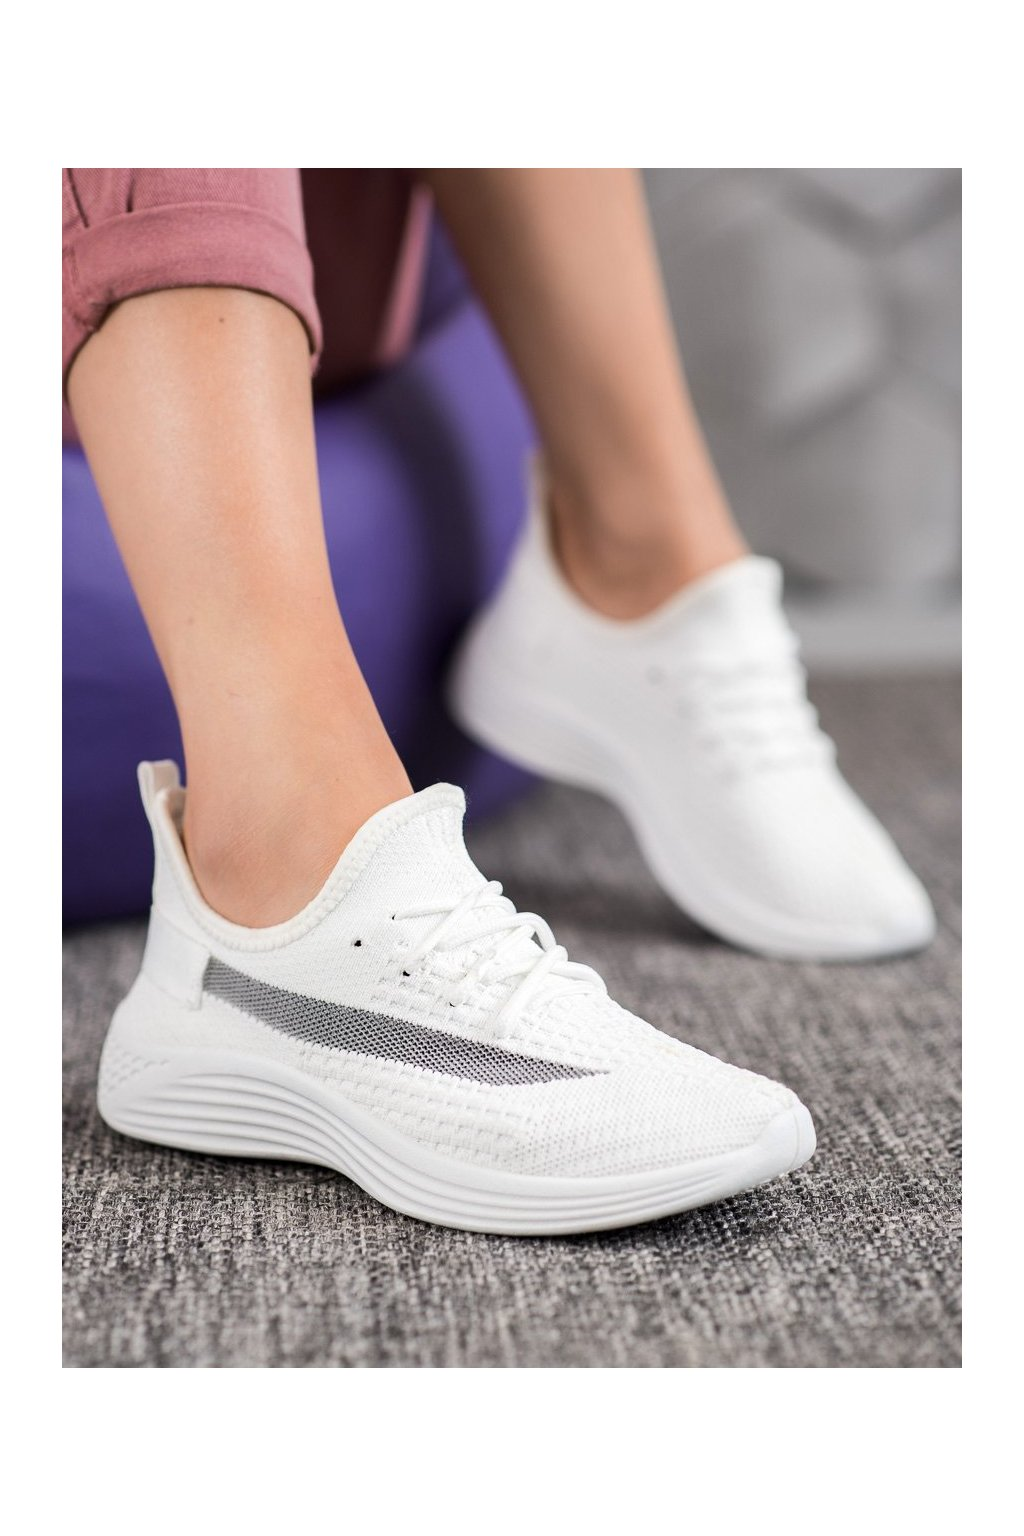 Biele tenisky Mckeylor kod ANH20-13530W